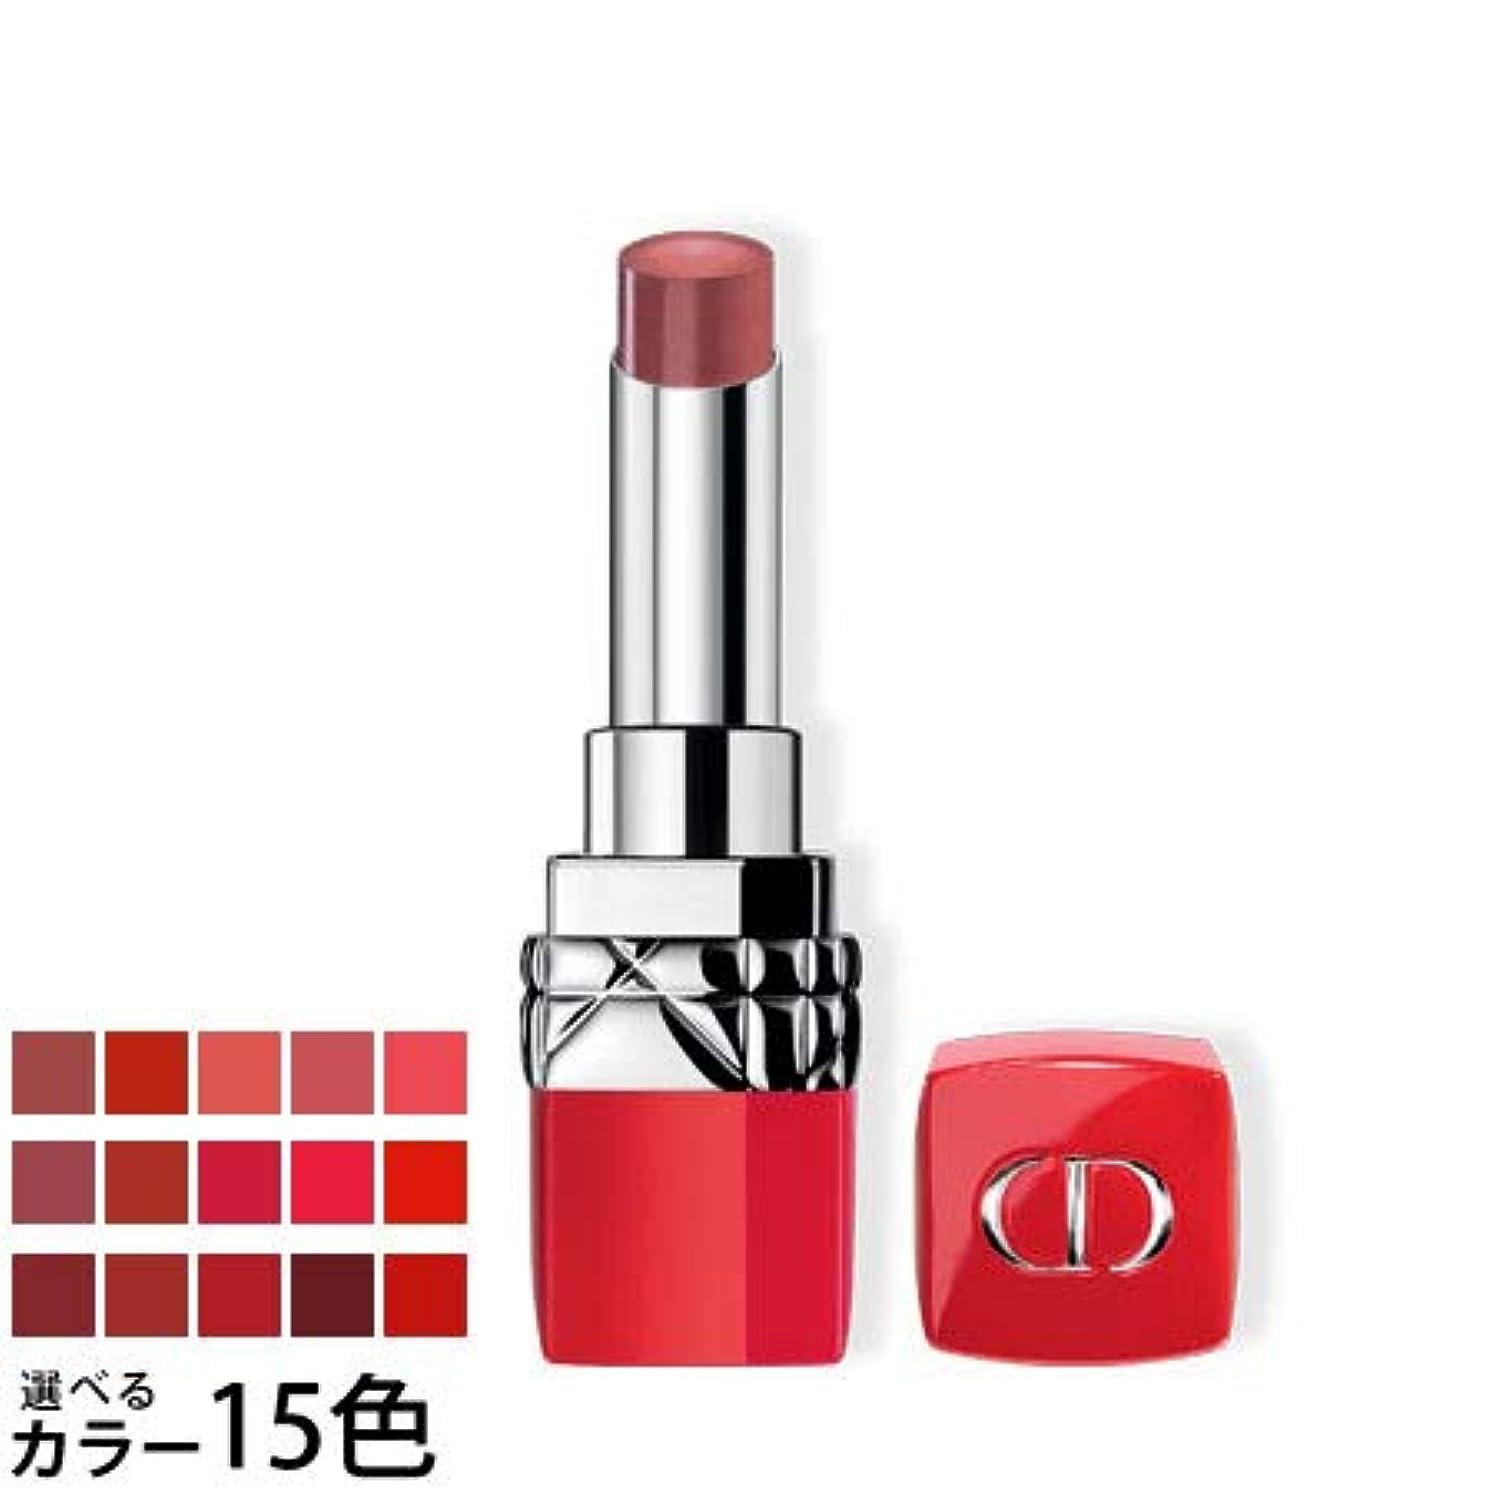 古代求める早くディオール ルージュ ディオール ウルトラ ルージュ 選べる15色 -Dior- 851